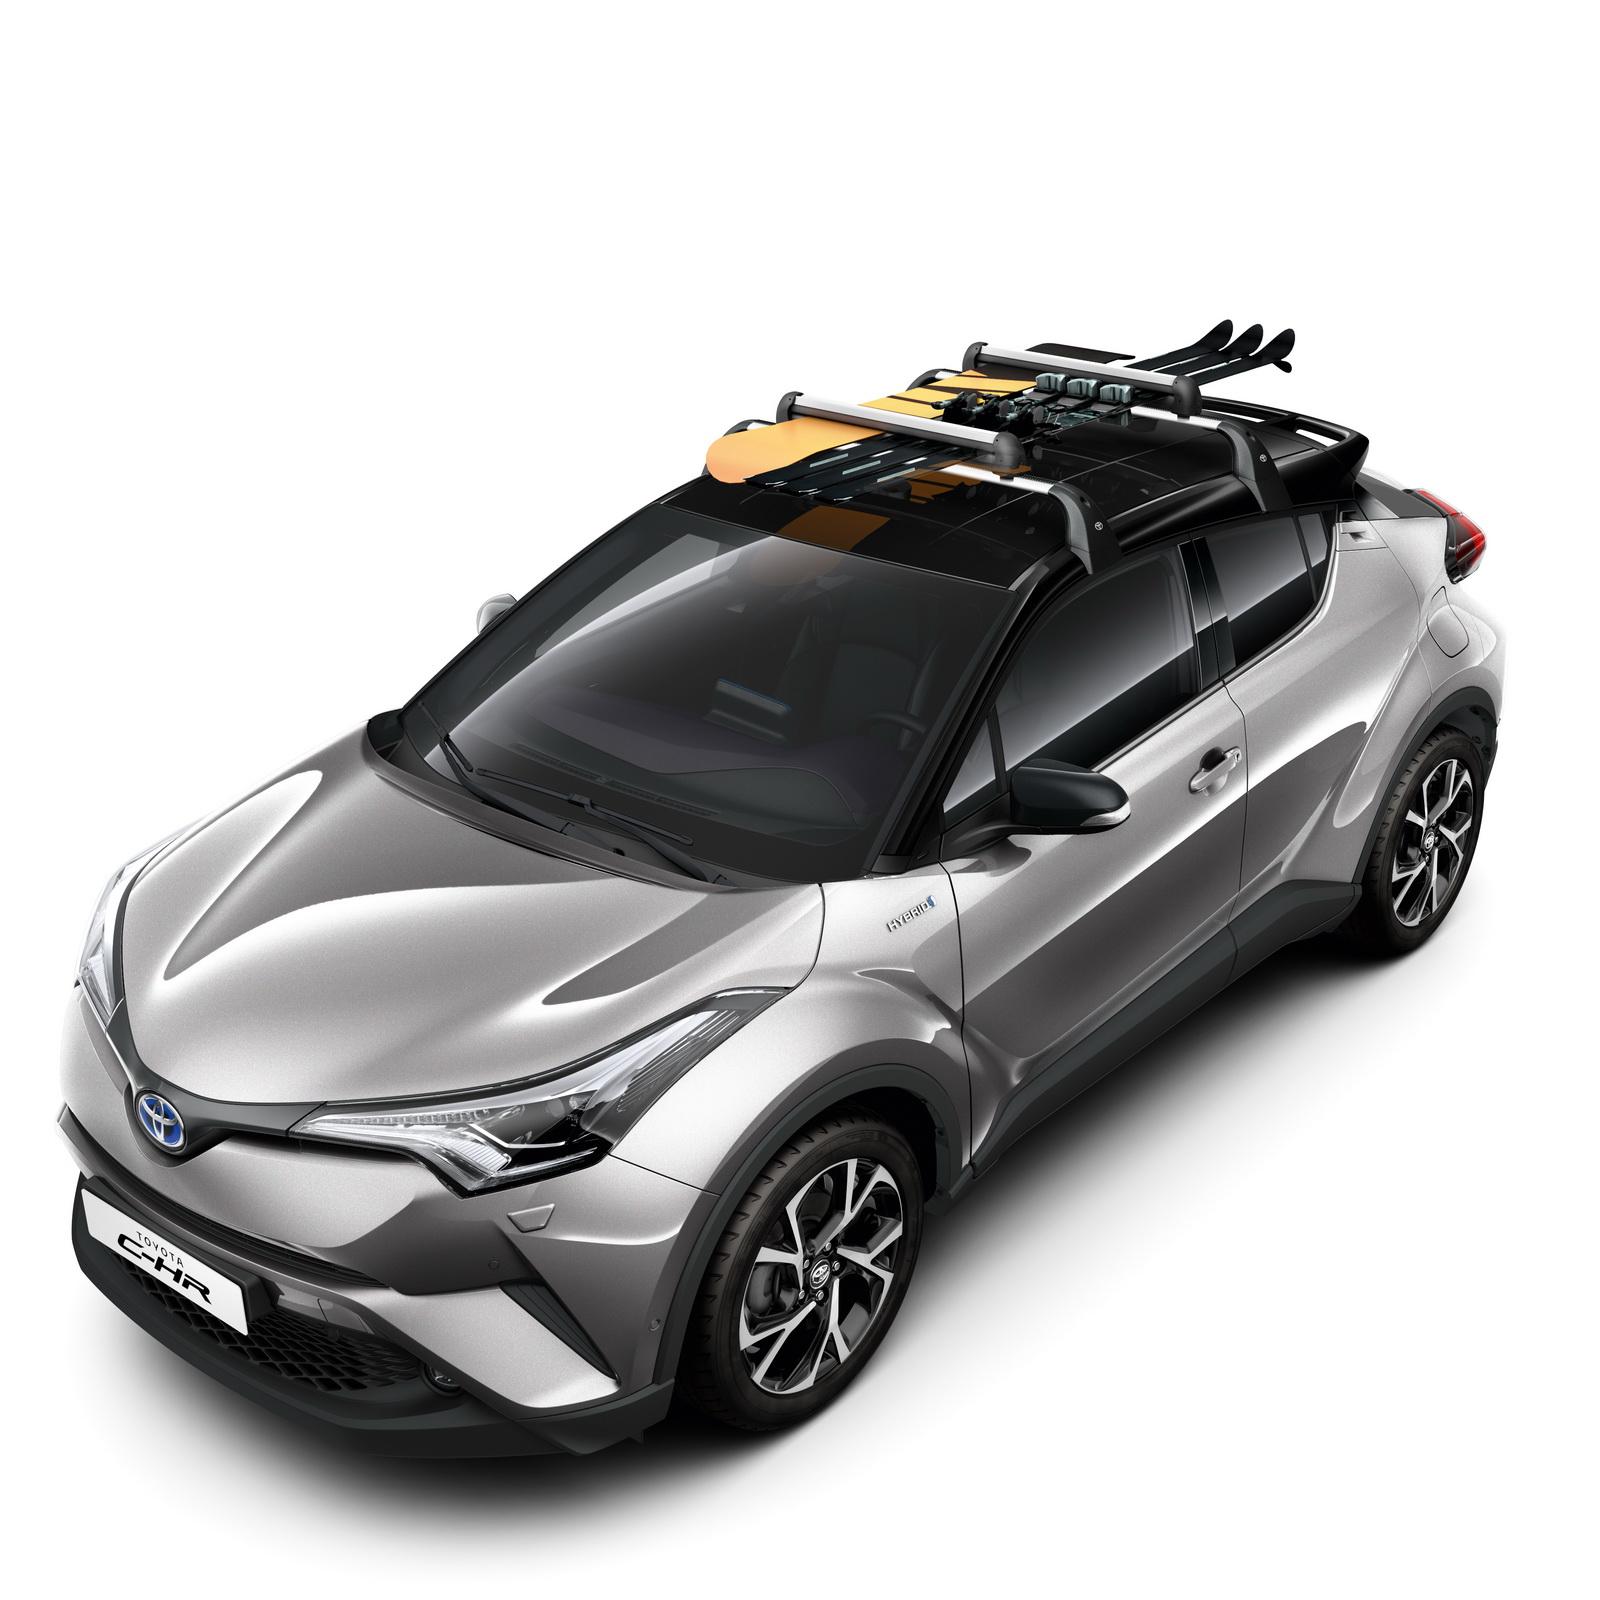 ToyotaC-HR accesories (4)